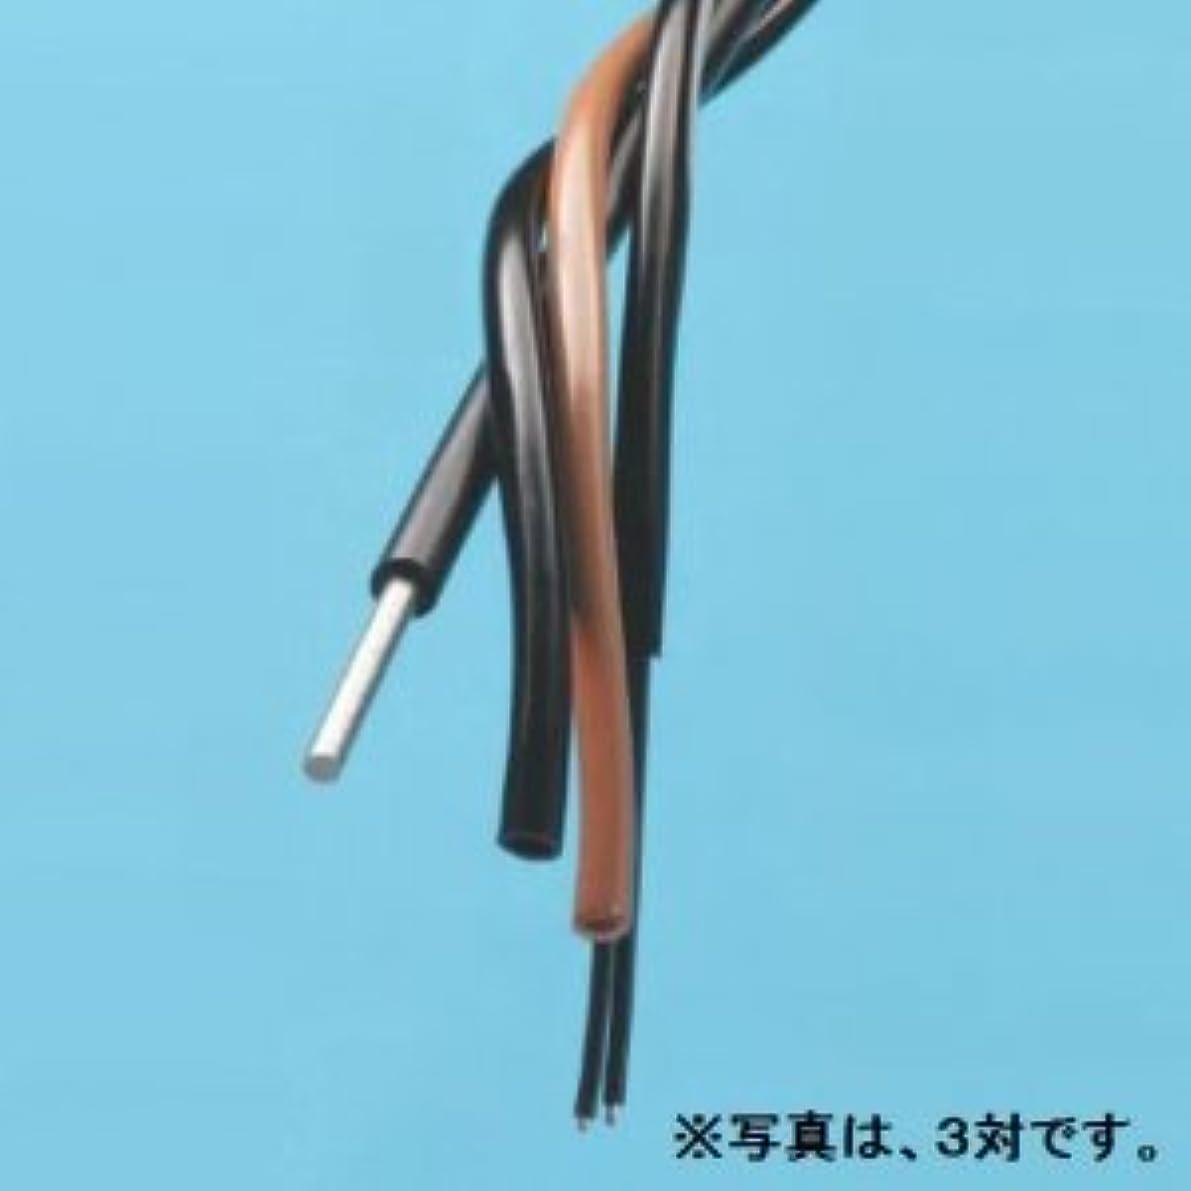 パーツ彫刻家ゲートウェイ伸興電線 切売販売 SDワイヤ 0.65mm 2対 10m単位切り売り SDW0.65*2P